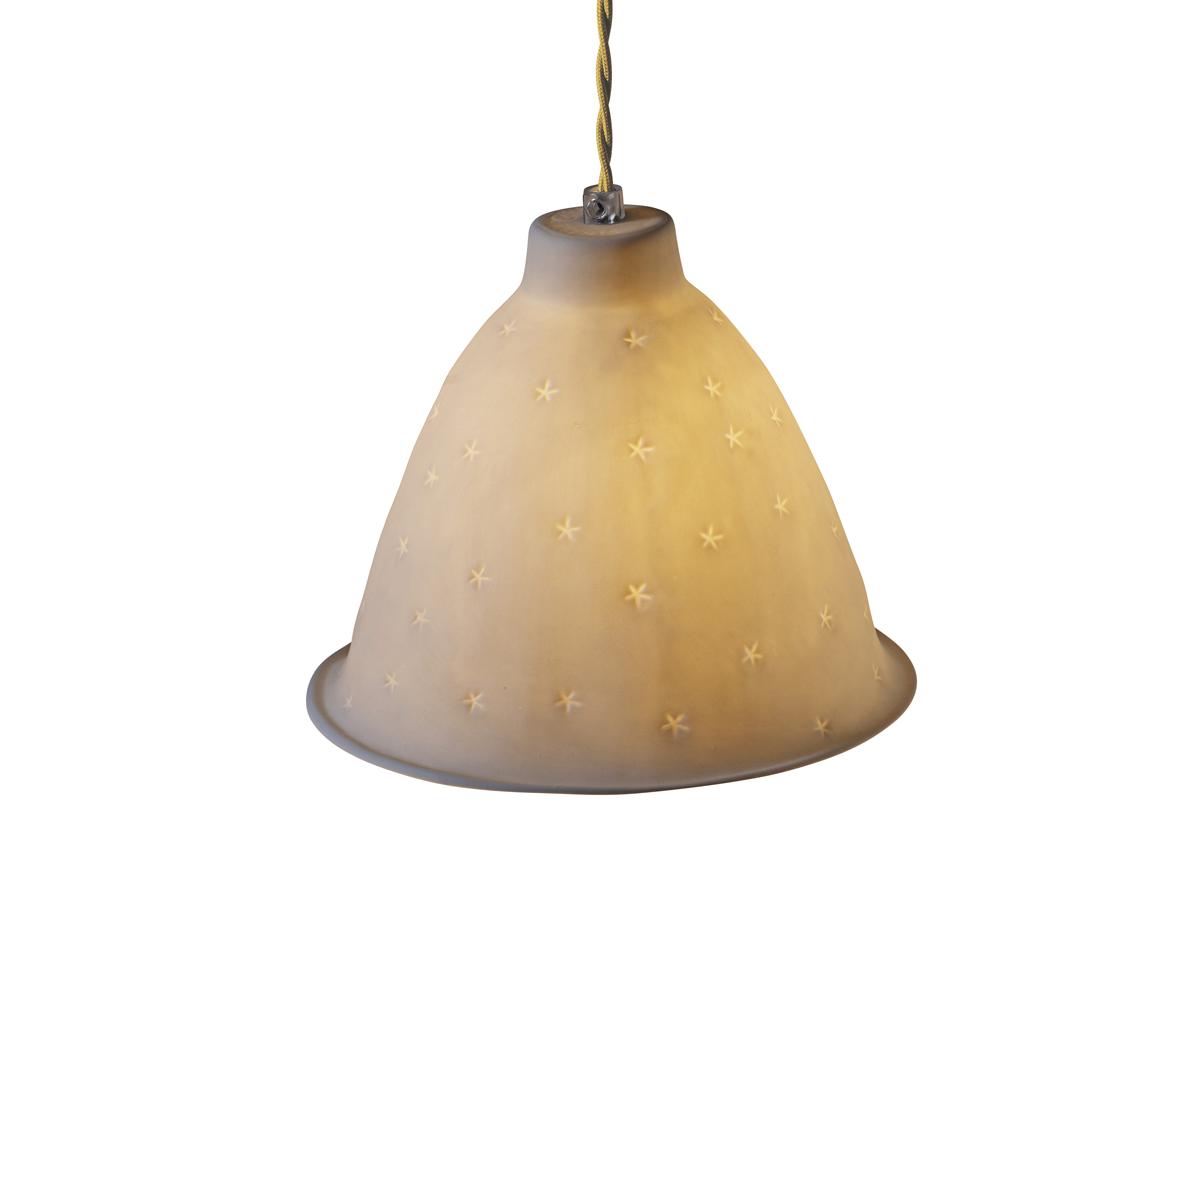 Neon De Decoration Interieur luminaires intérieur suspension lampe porcelaine biscuit